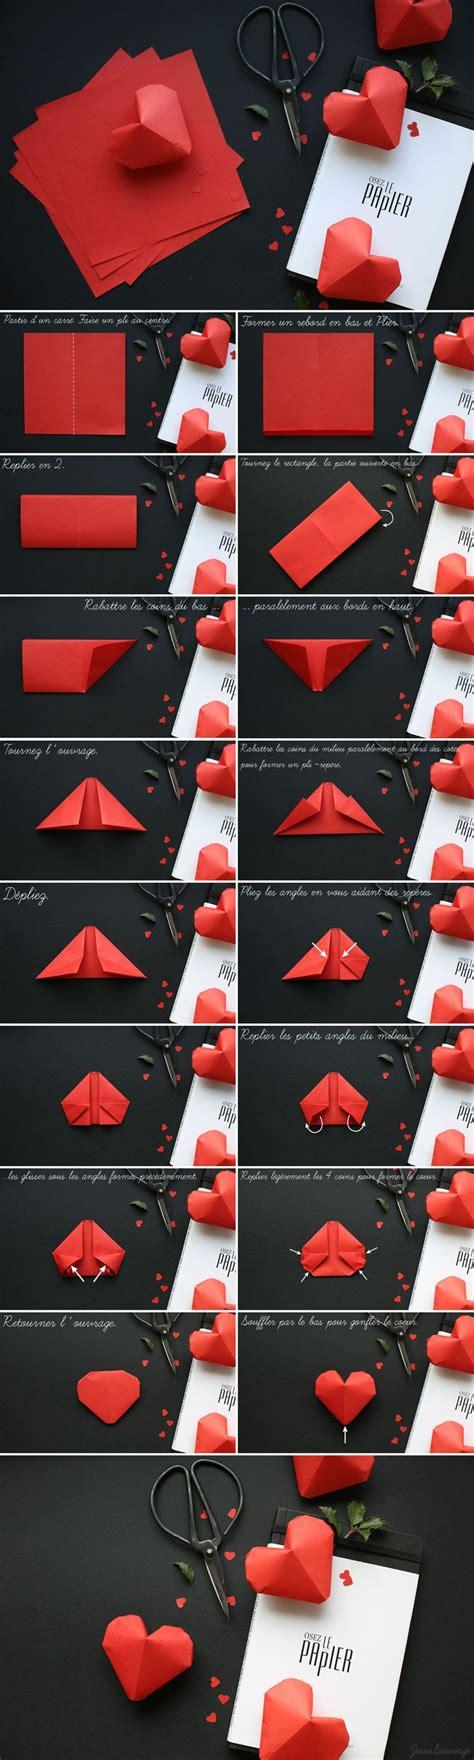 Design Decor by Paper Hearts Picmia